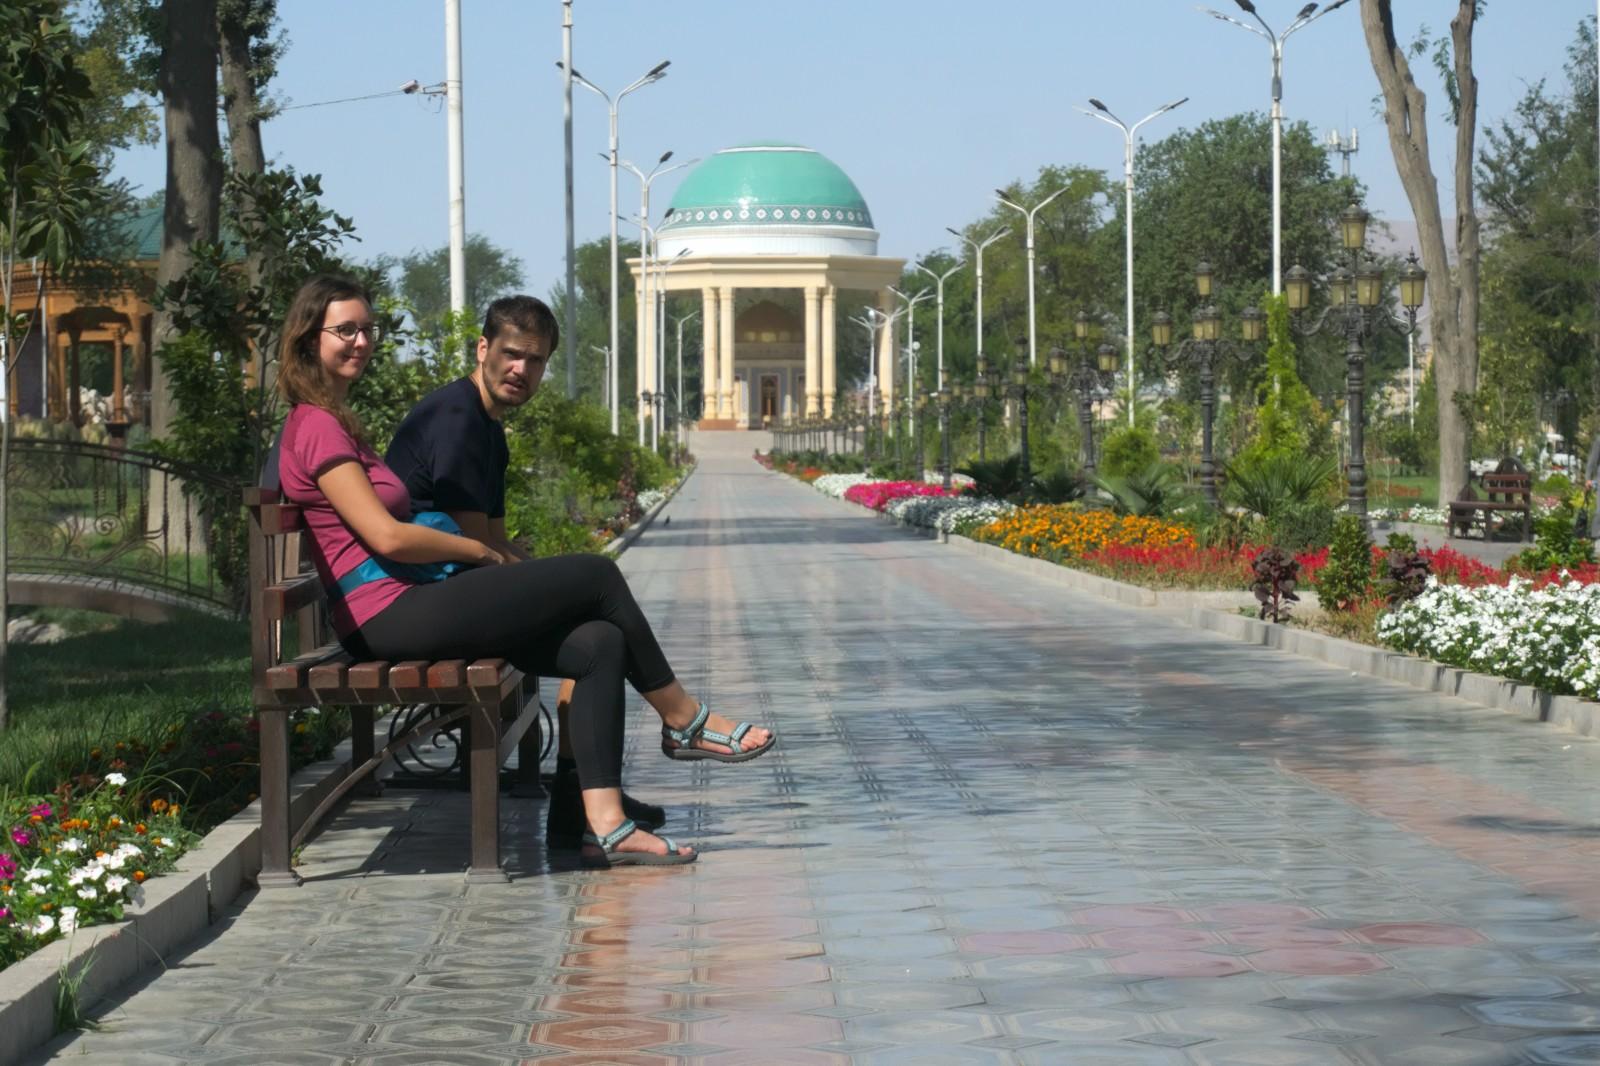 Park Kamala Khudzhandiho